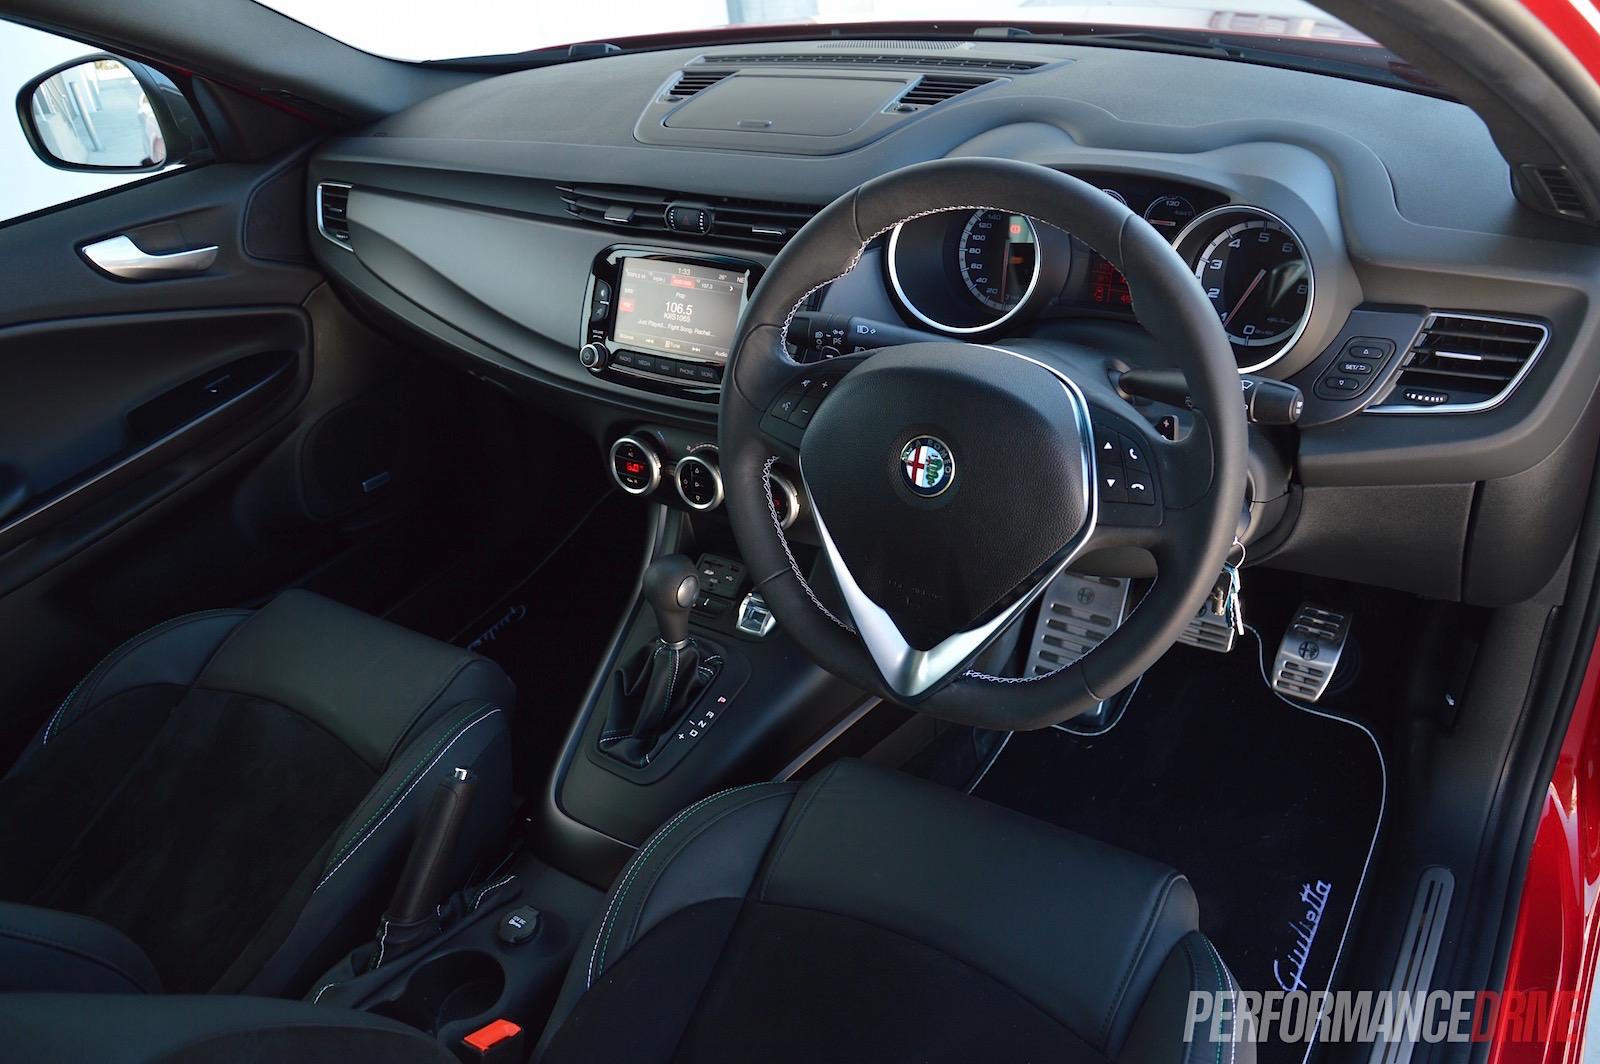 2015 Alfa Romeo Giulietta QV-interior |